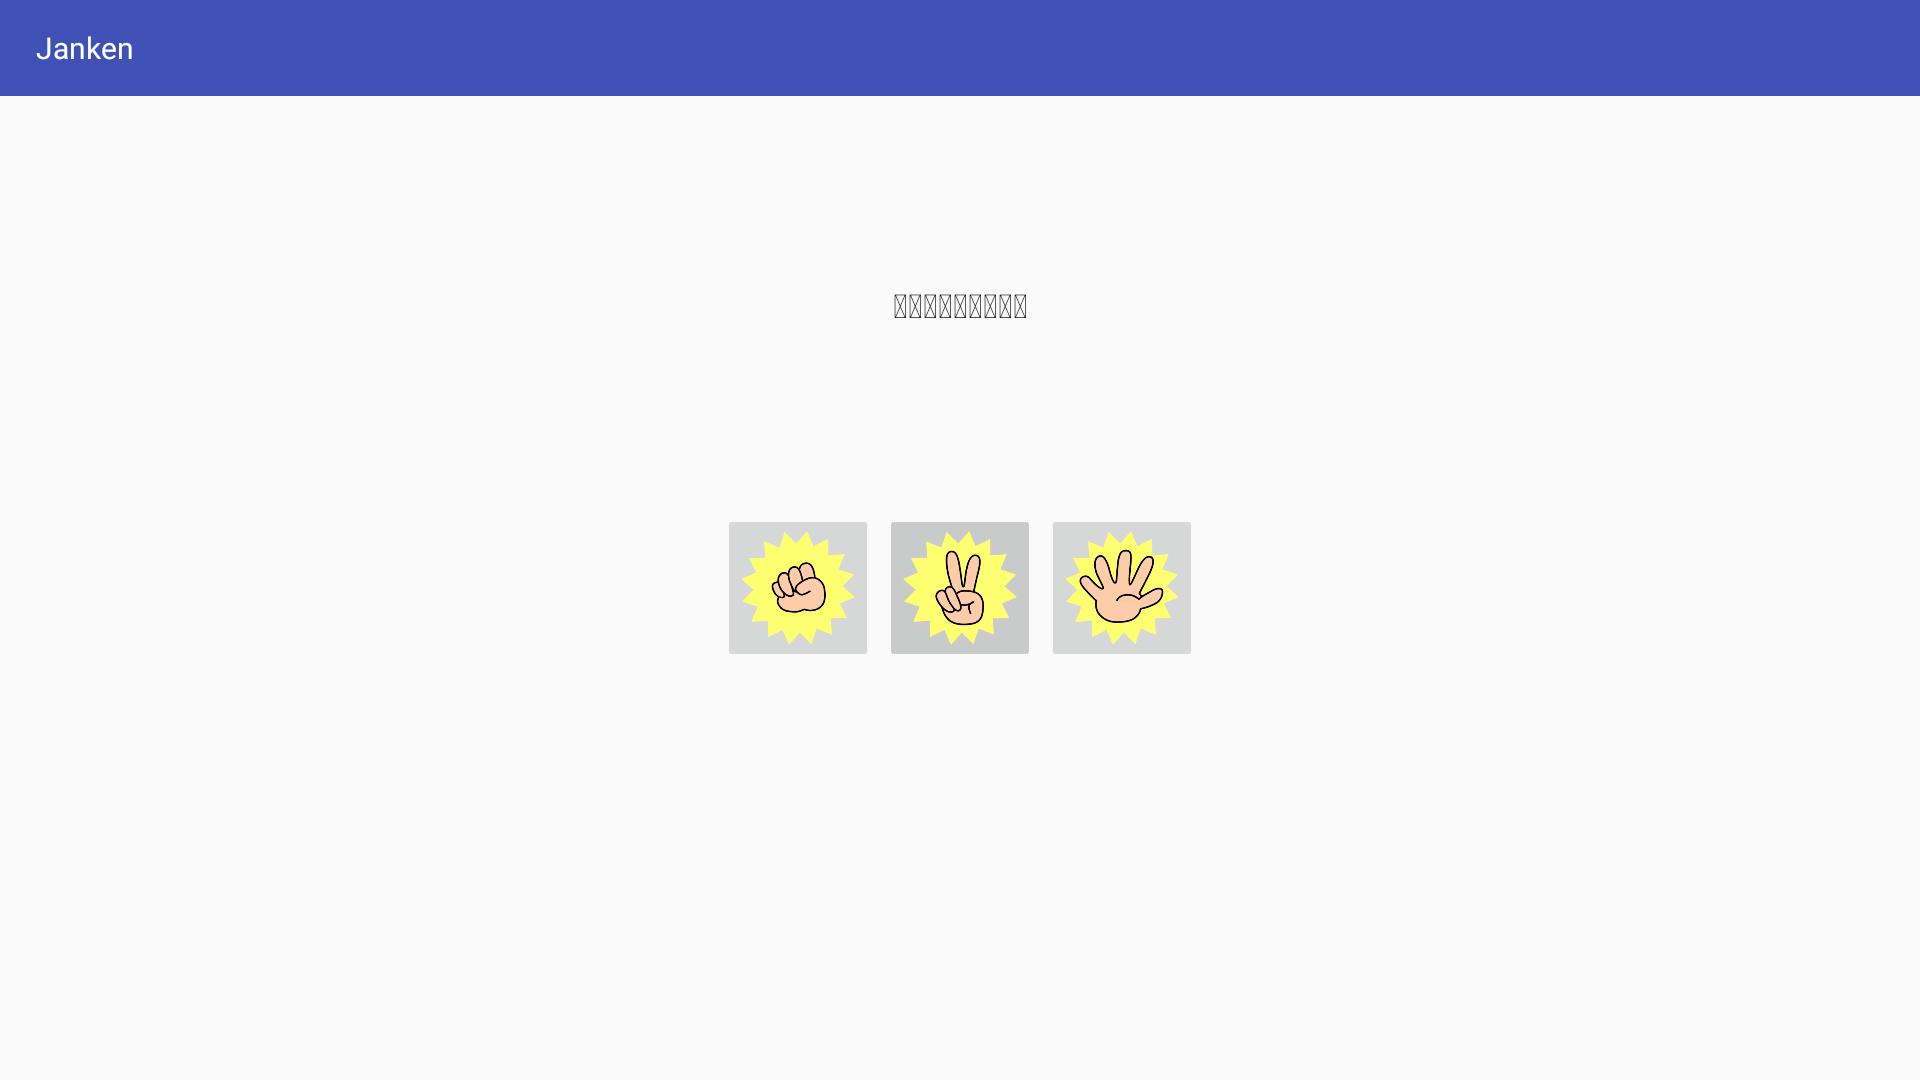 Sample App Janken